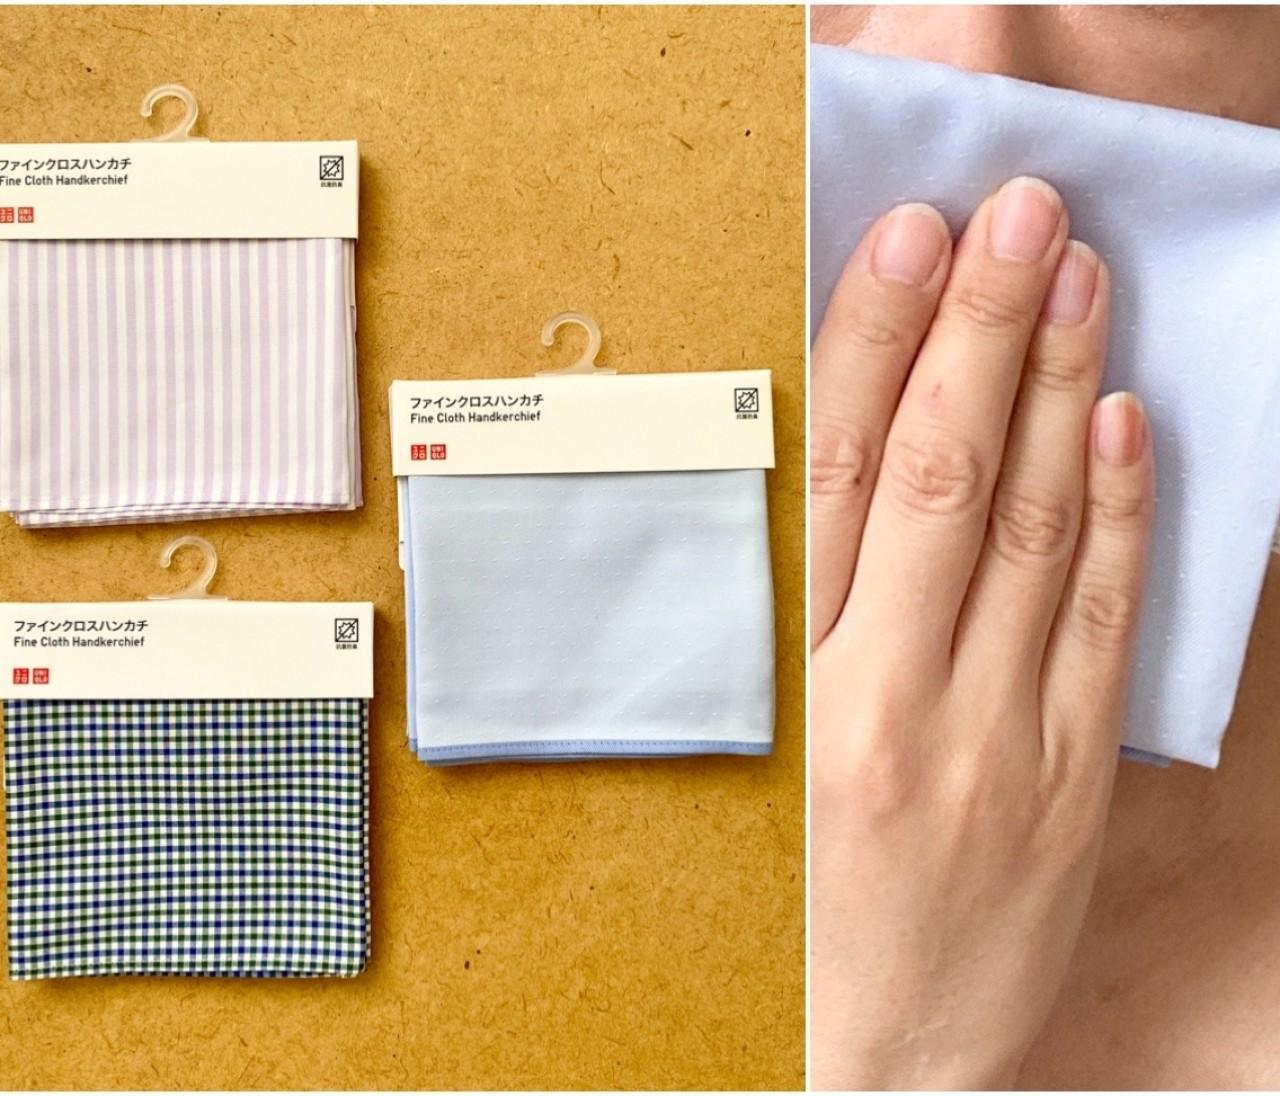 【ユニクロ(UNIQLO)】超速乾&抗菌防臭ファインクロスハンカチで手洗い・うがいを快適に